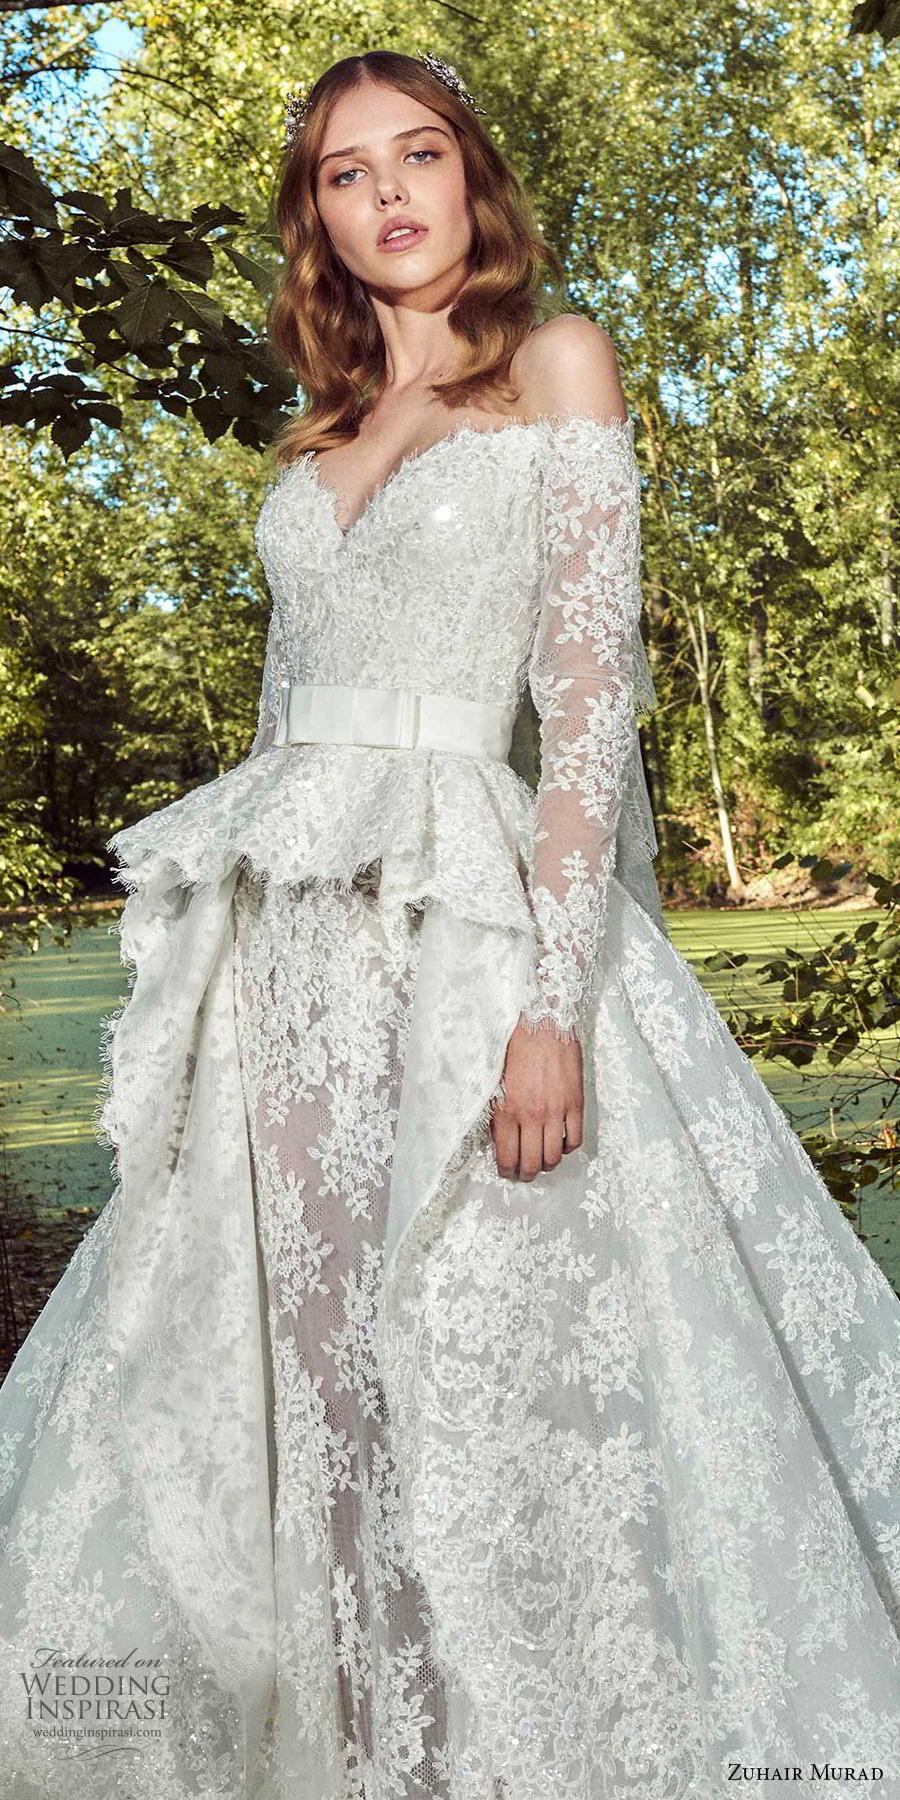 zuhair murad fall 2019 bridal long sleeves off the shoulder sweetheart neckline full embellishment peplum princess ball gown wedding dress a  line overskirt chapel train (11) zv